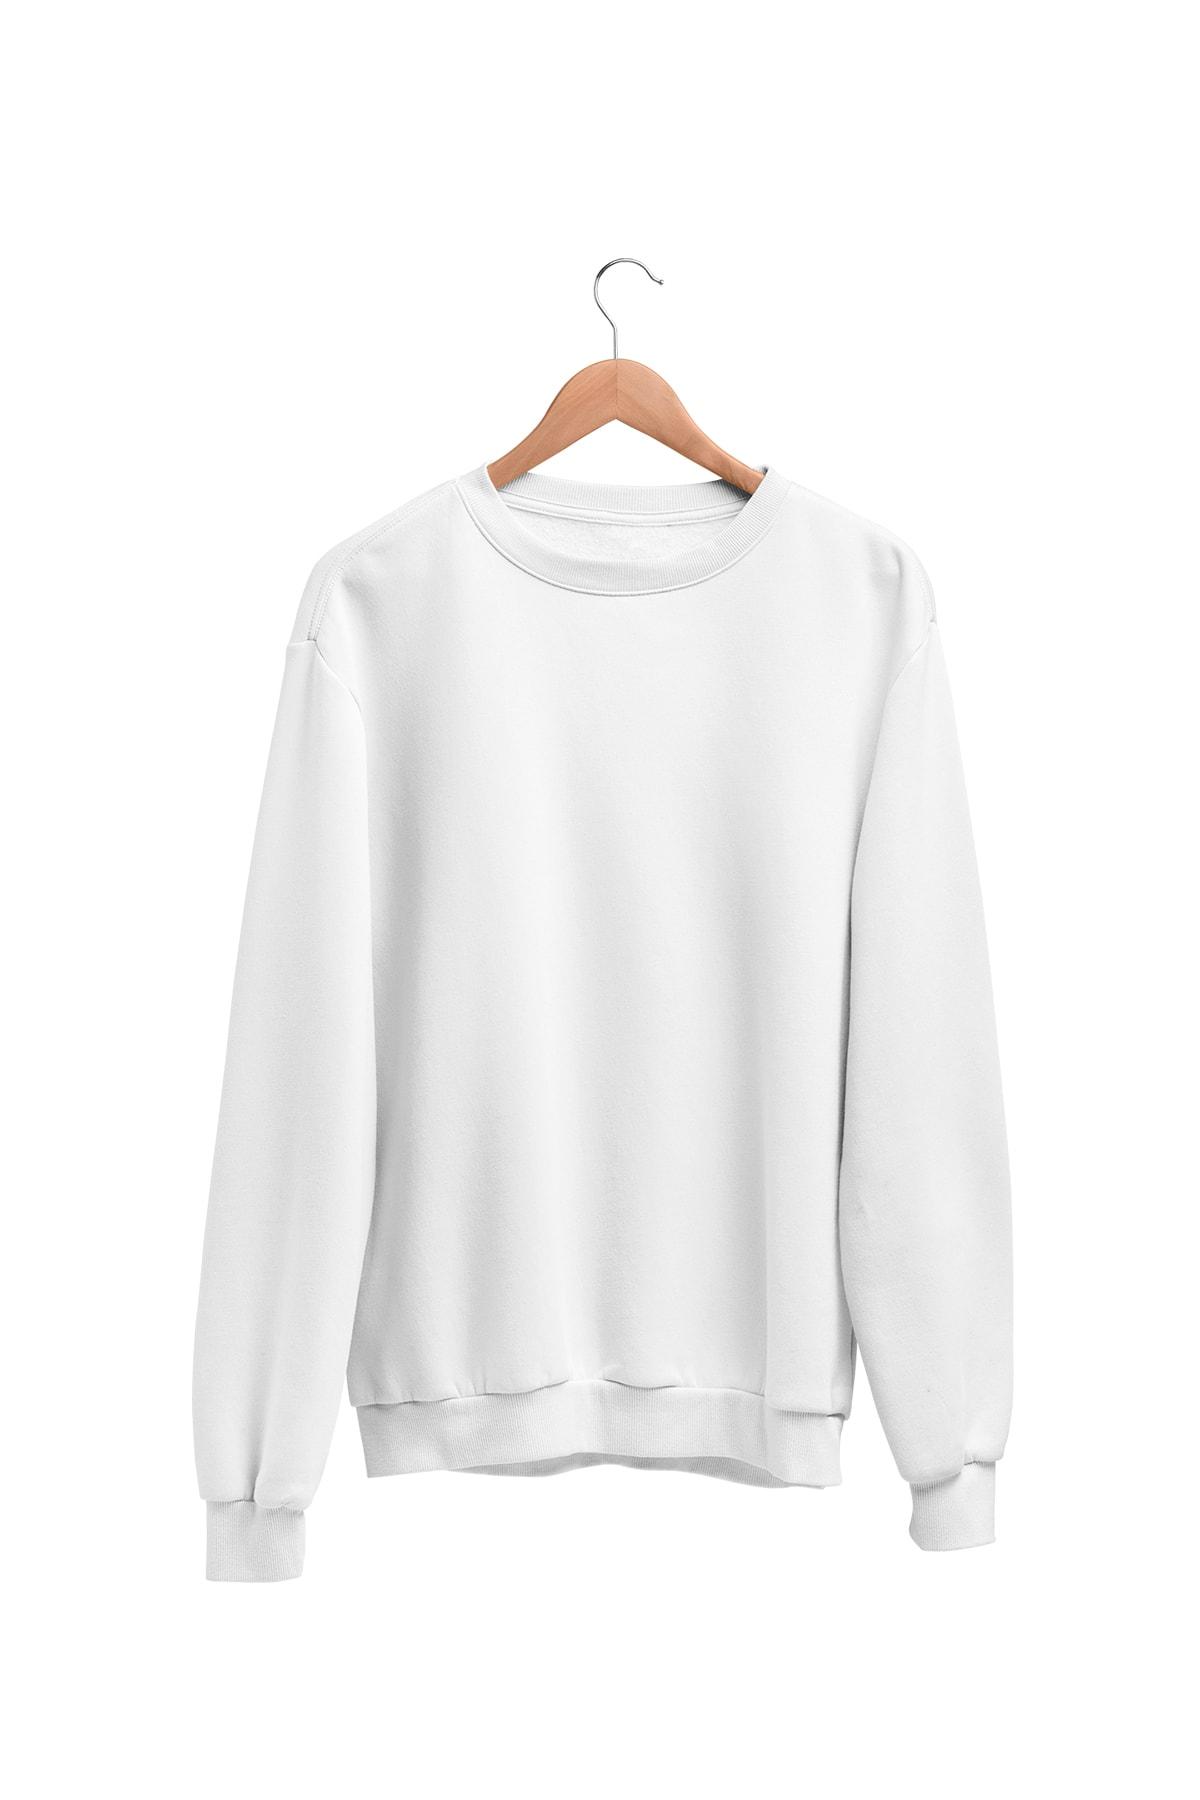 Angemiel Kadın Beyaz Wear Sweatshirt 1